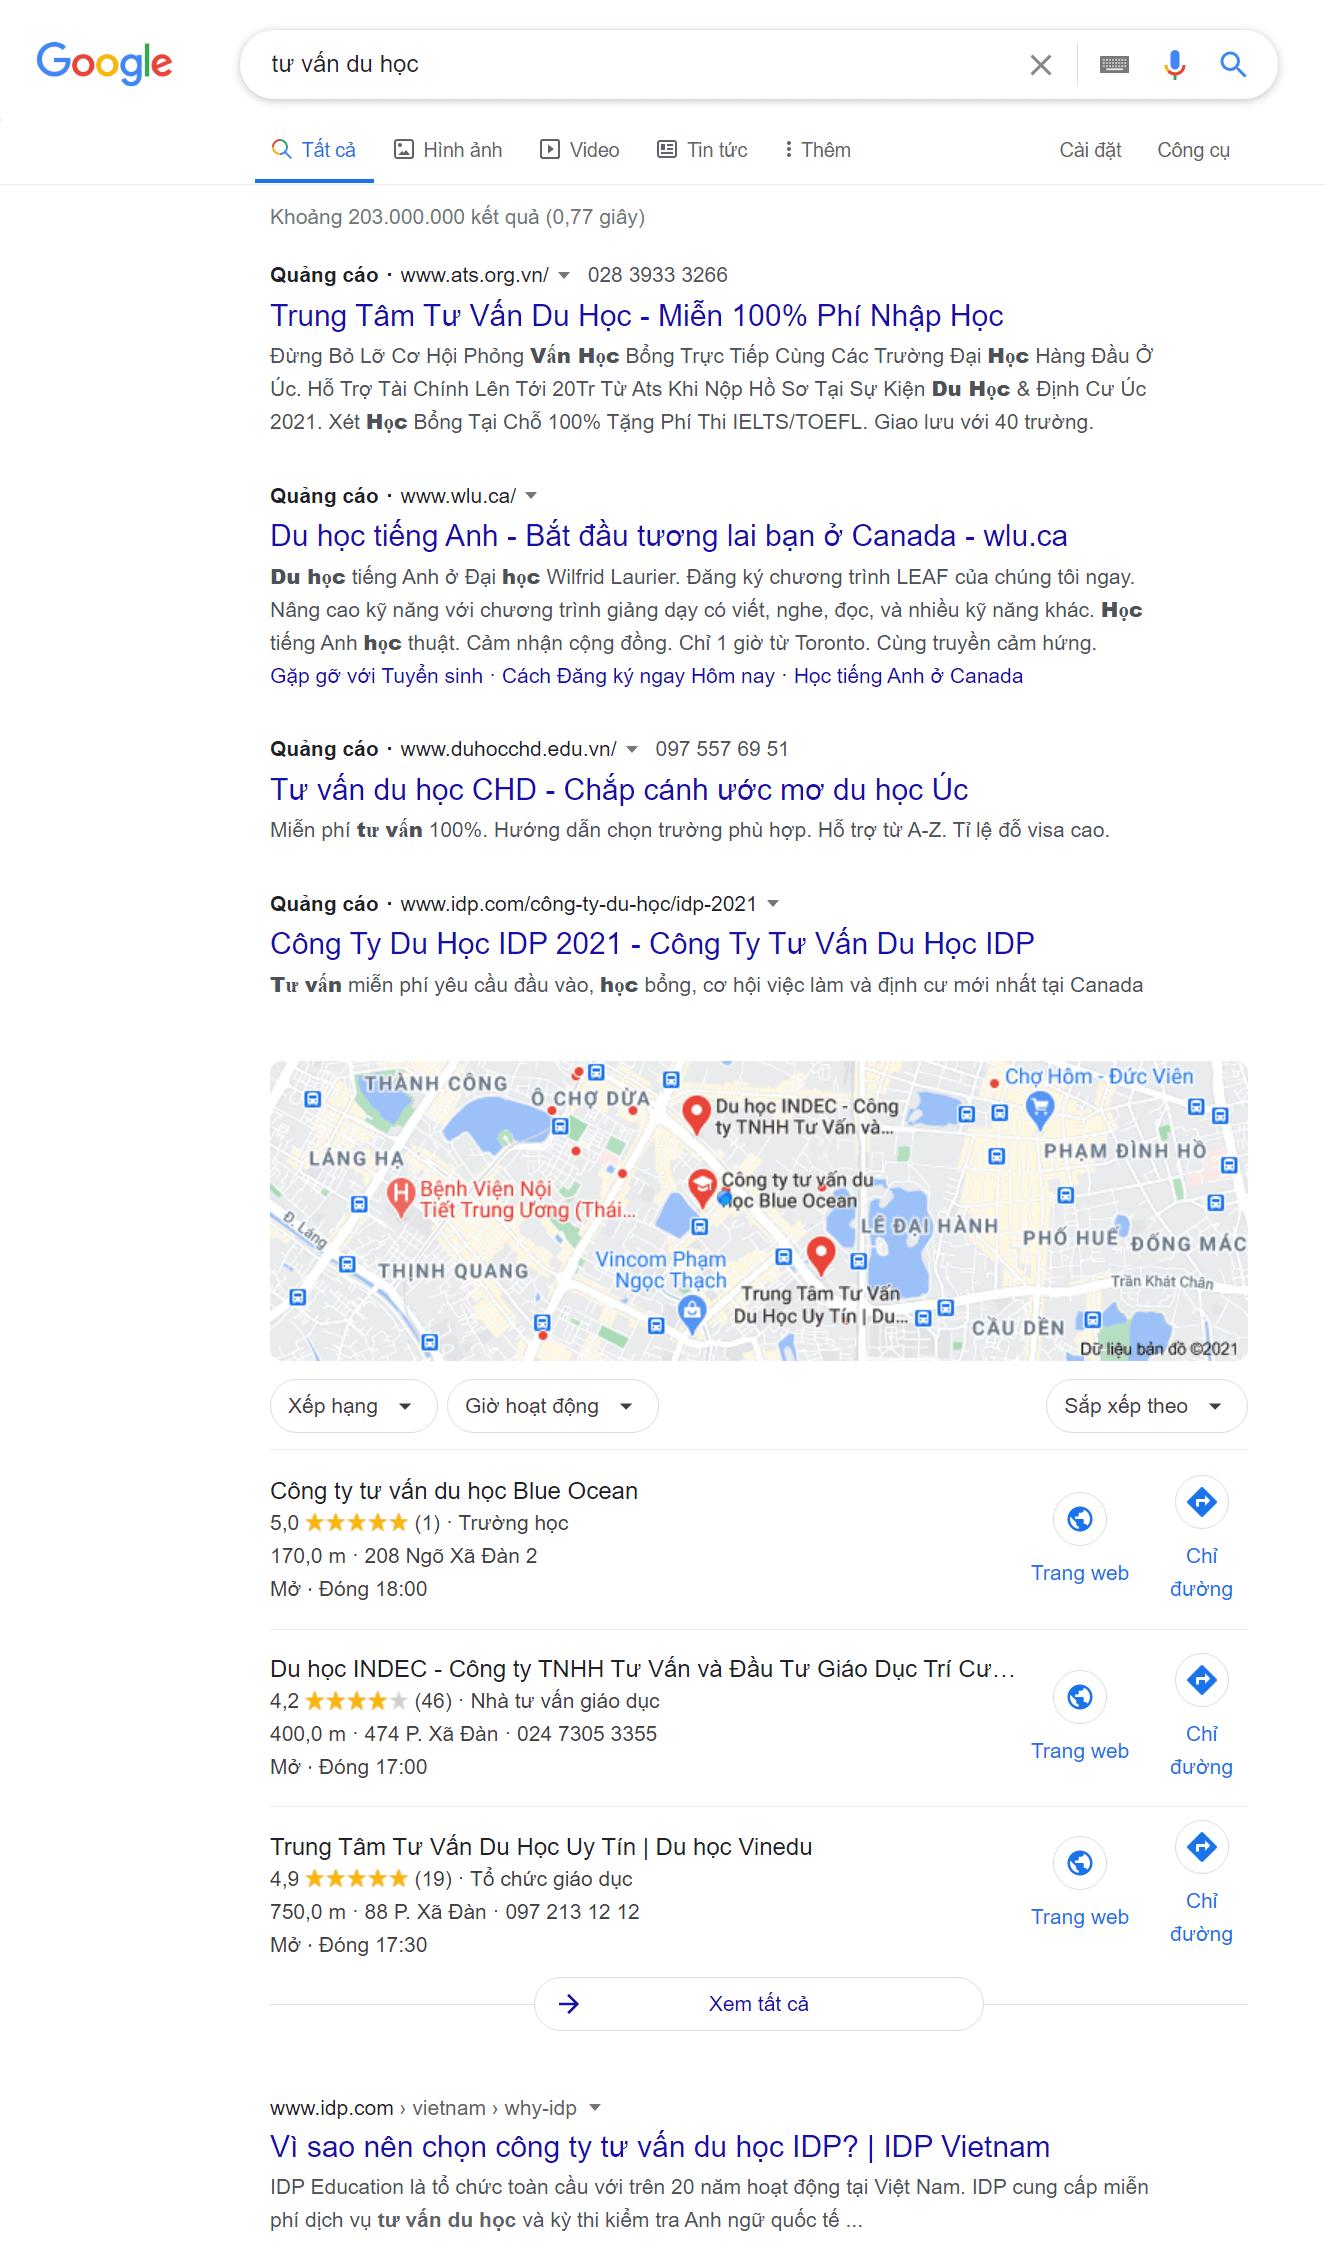 Blue Ocean xếp hạng trên trang đầu tiên của Google